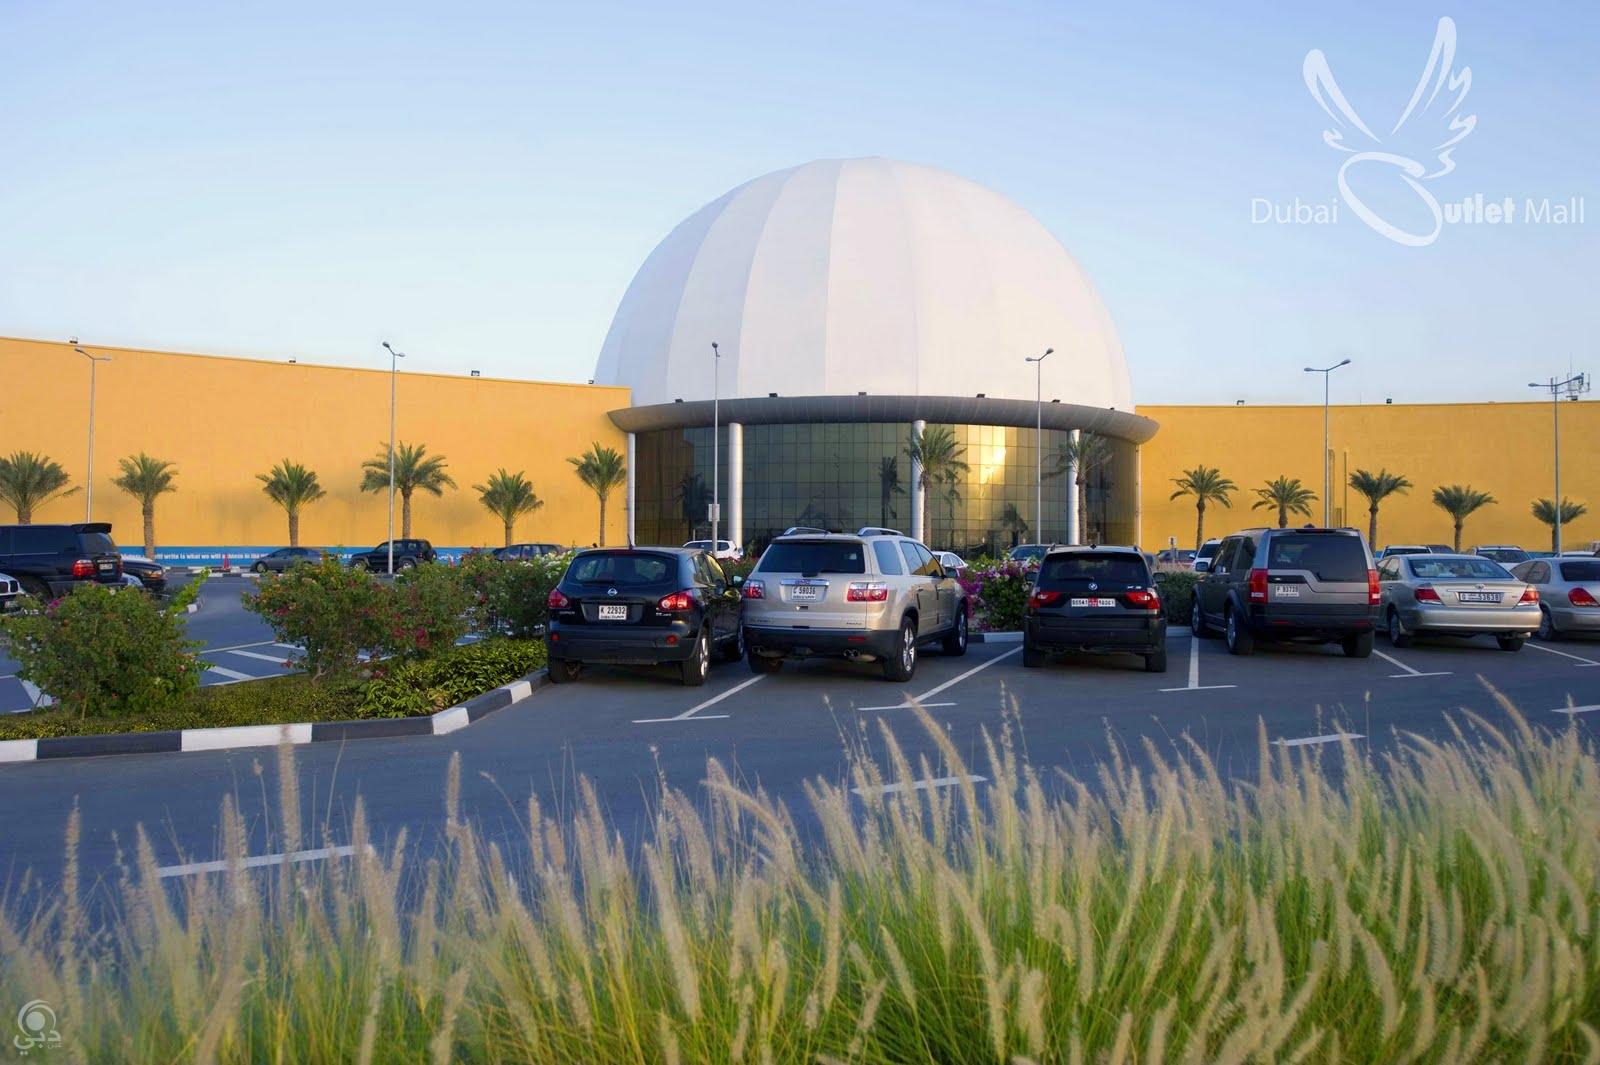 صورة دبي آوتليت مول تقدم خصومات تتراوح ما بين 30 % إلى 90 % على كافة المنتجات